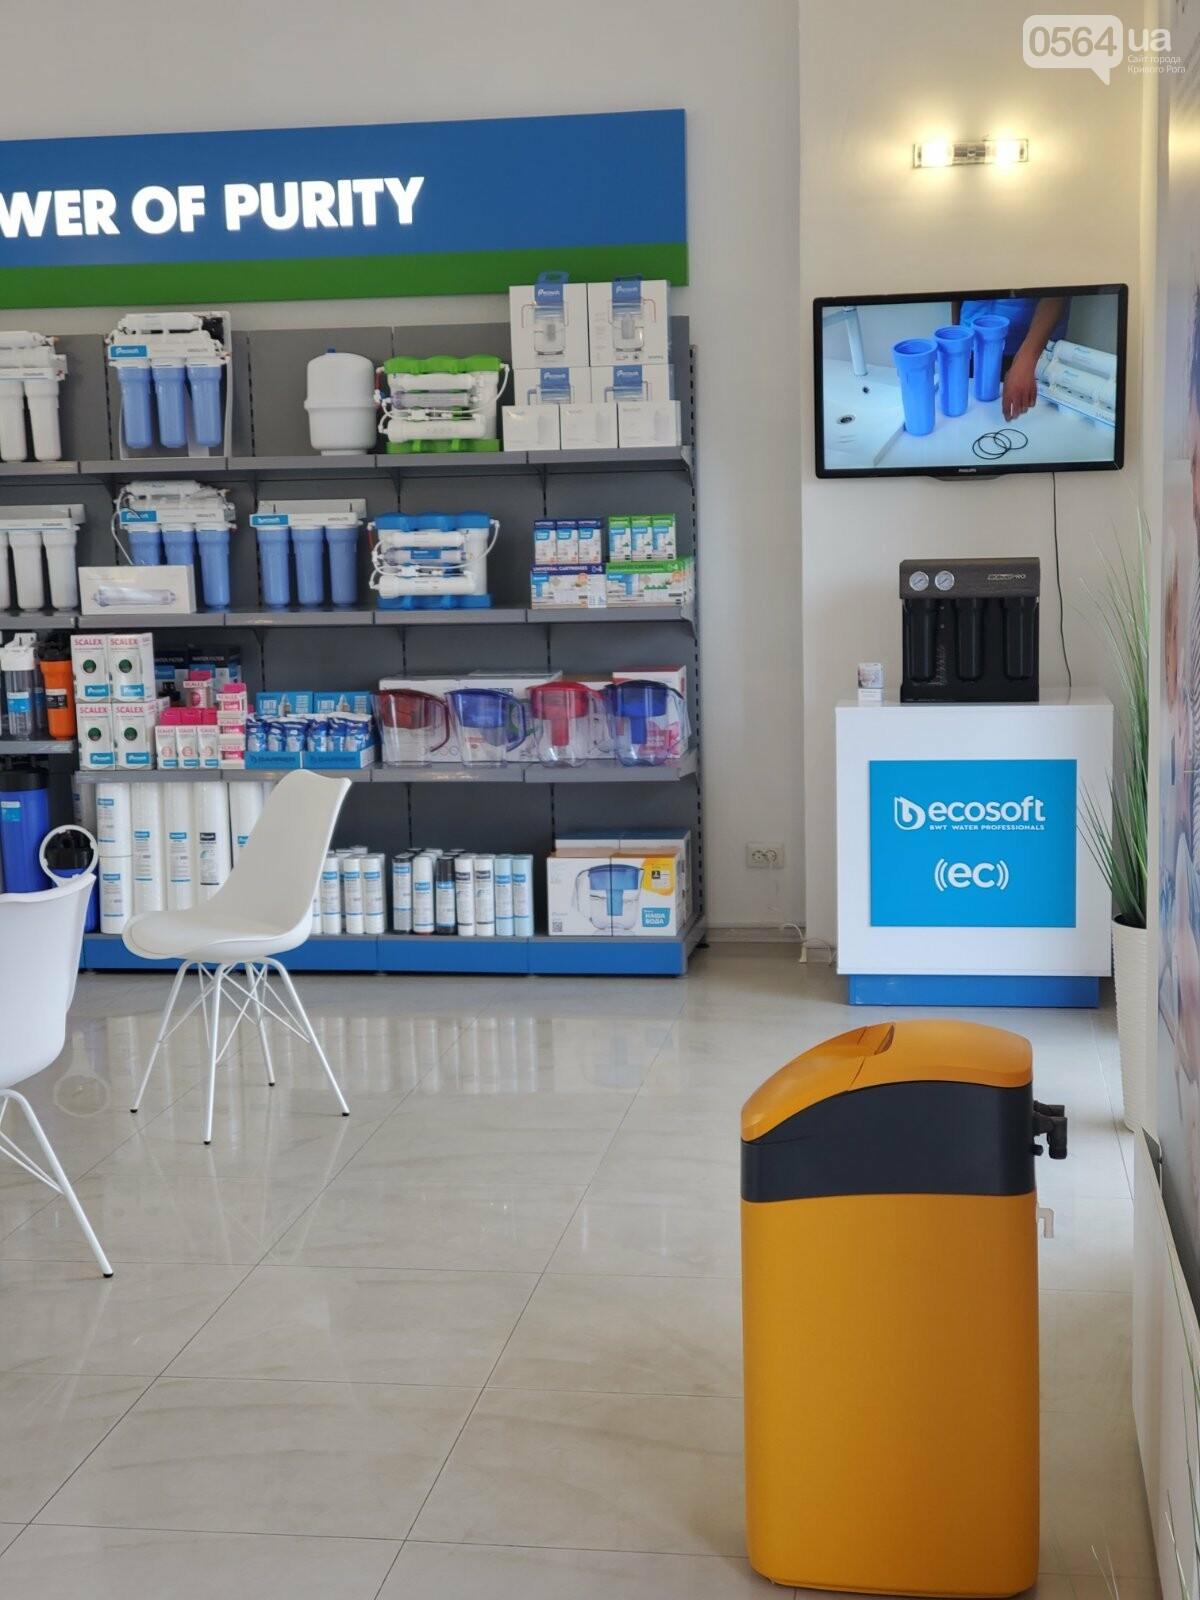 В Кривом Роге открылся фирменный магазин Ecosoft – признанного лидера по производству и продаже фильтров в Украине, фото-1